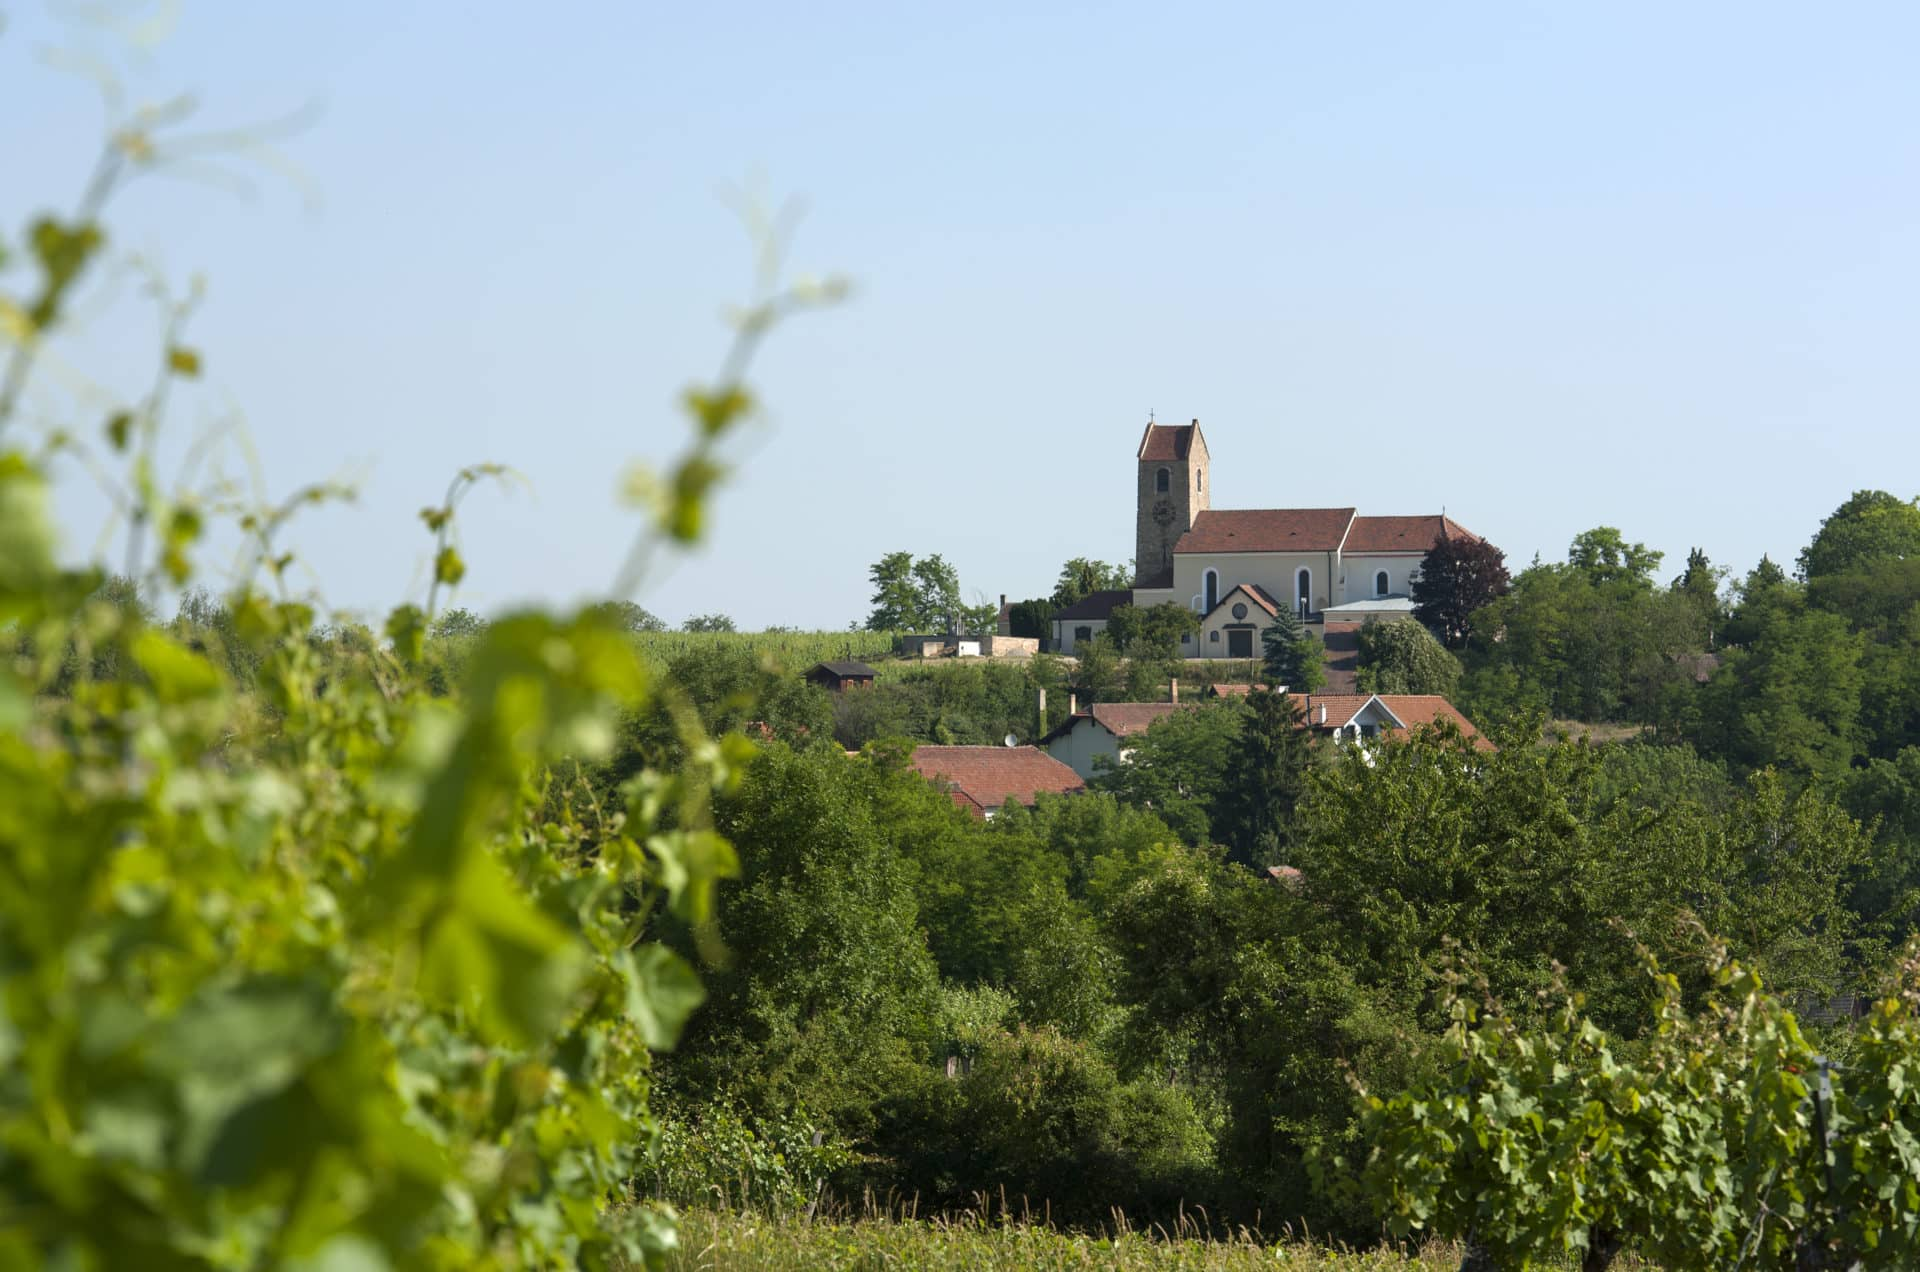 Hohenwarther Kirche mit Weinreben im Vordergrund